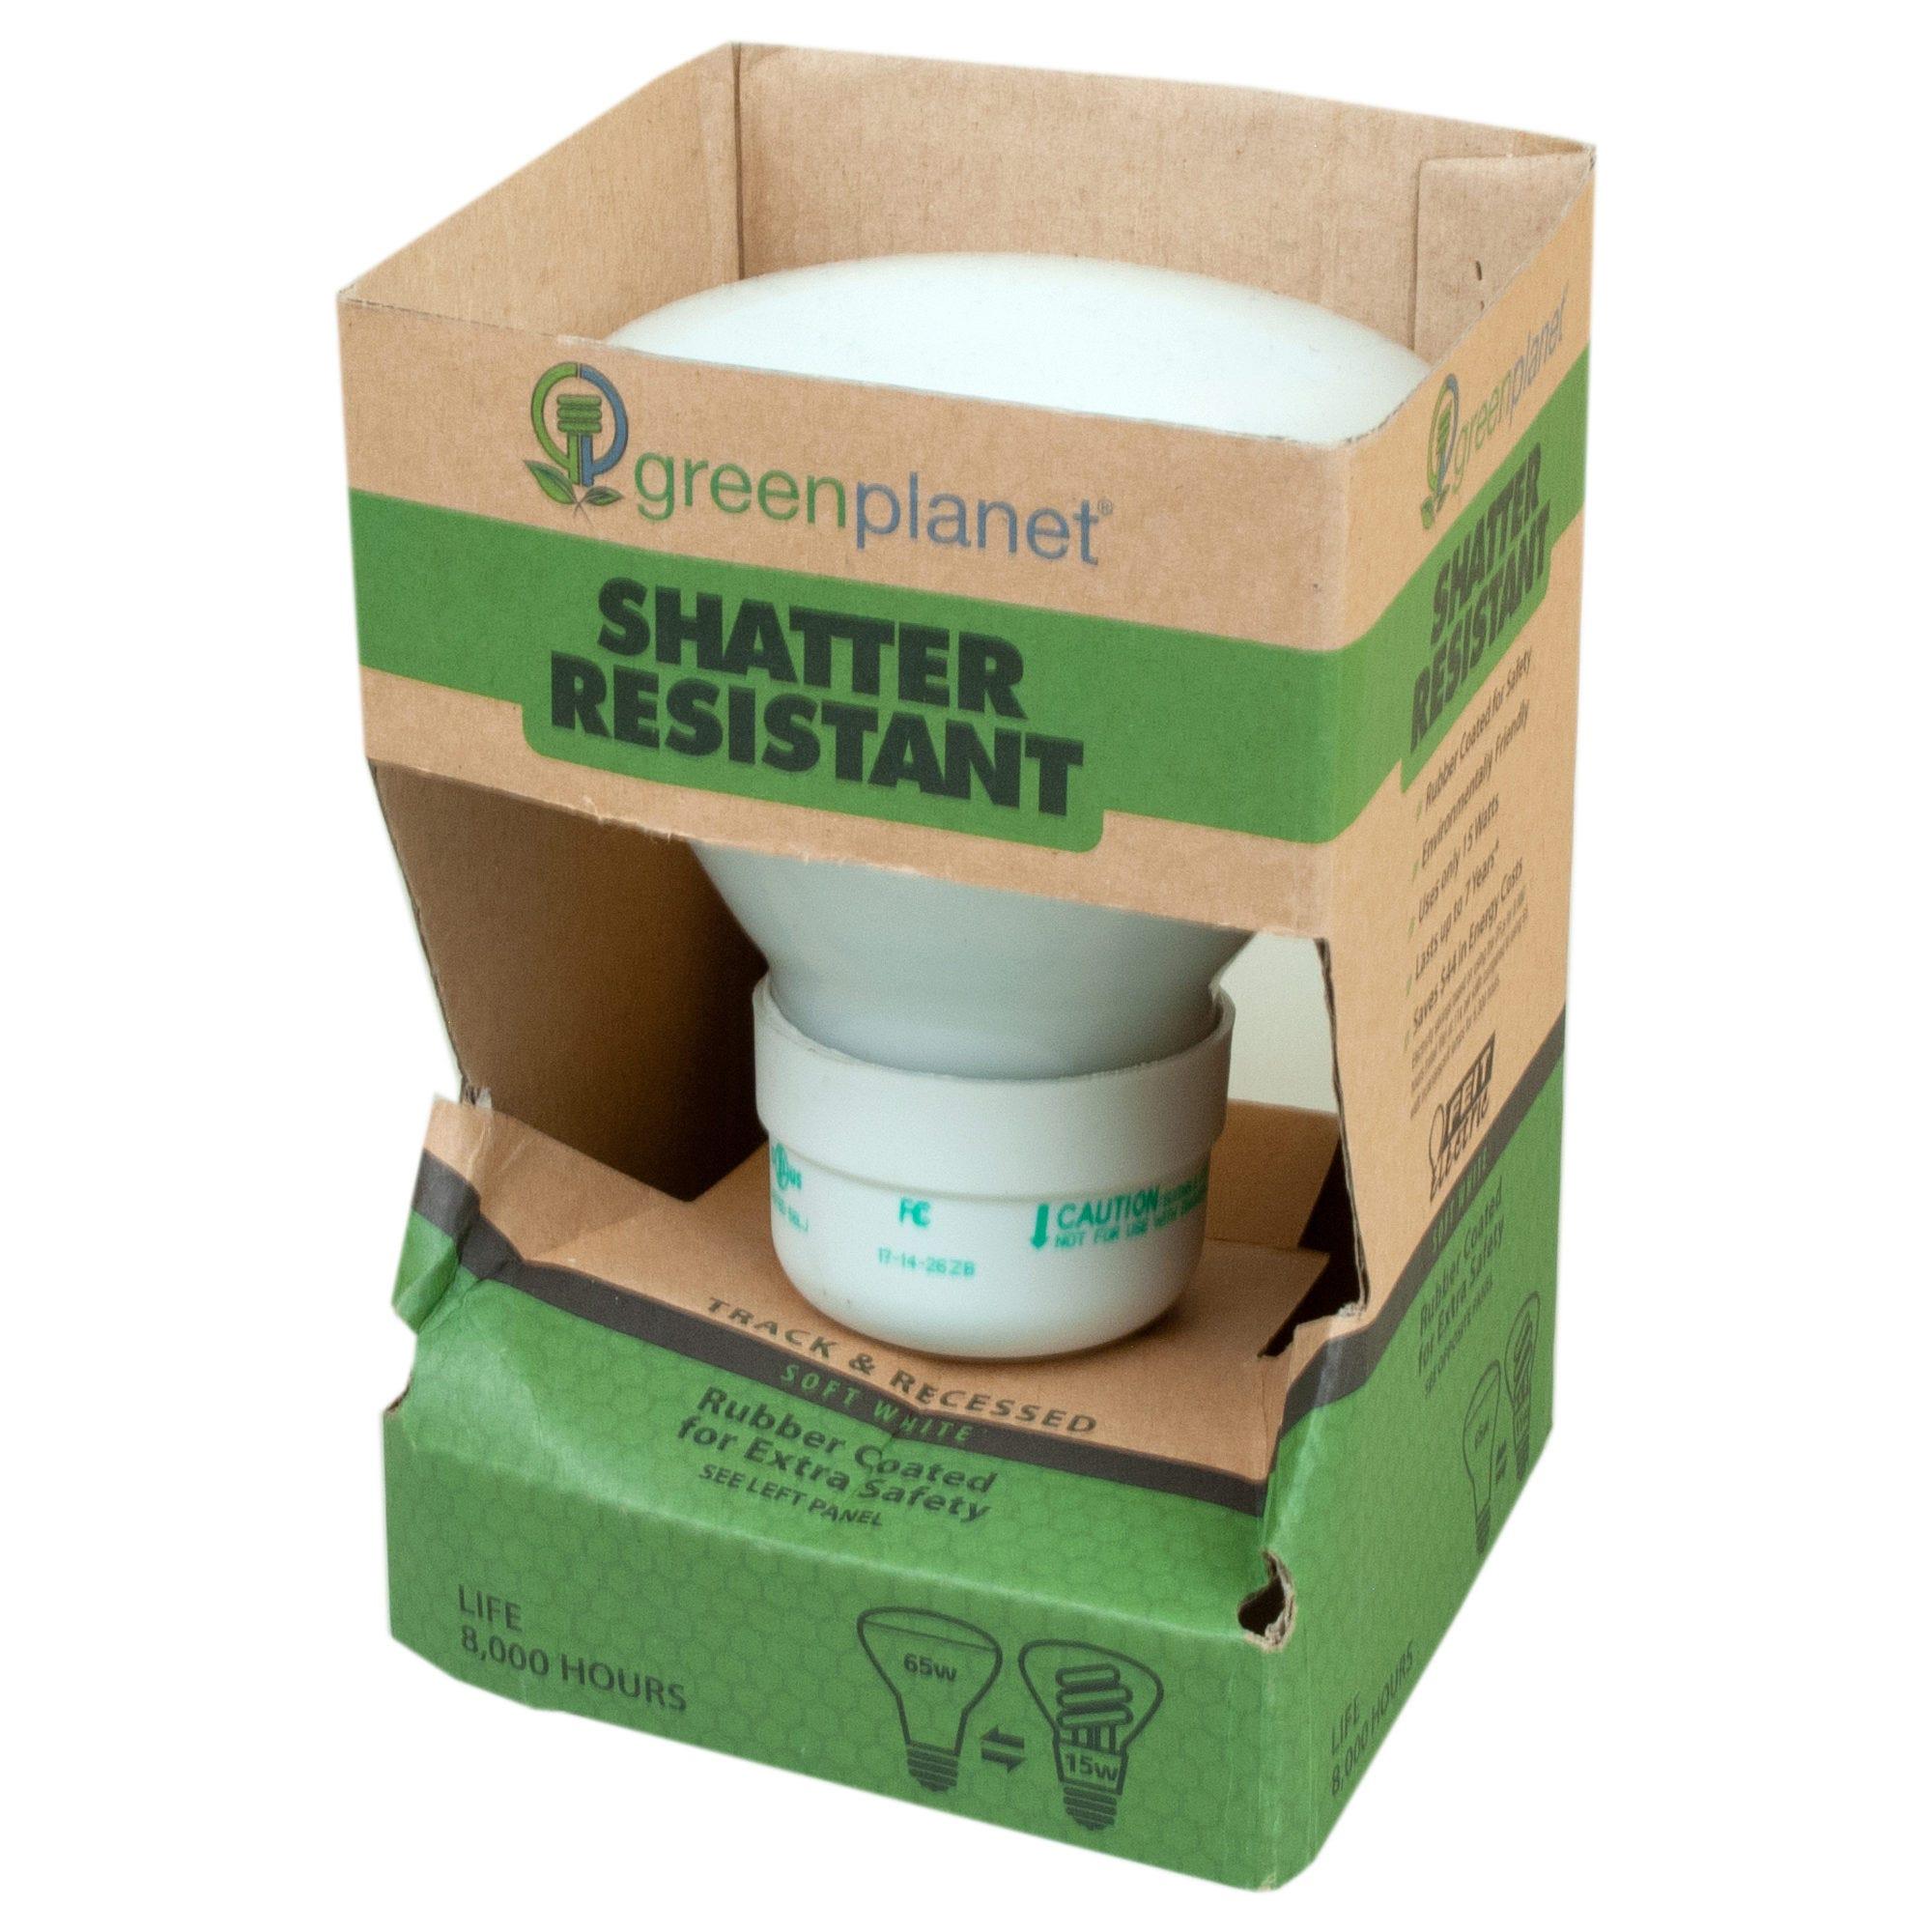 Green Planet Shatter Resist. 65 Watt Replacement LIGHT BULBS- Qty 30